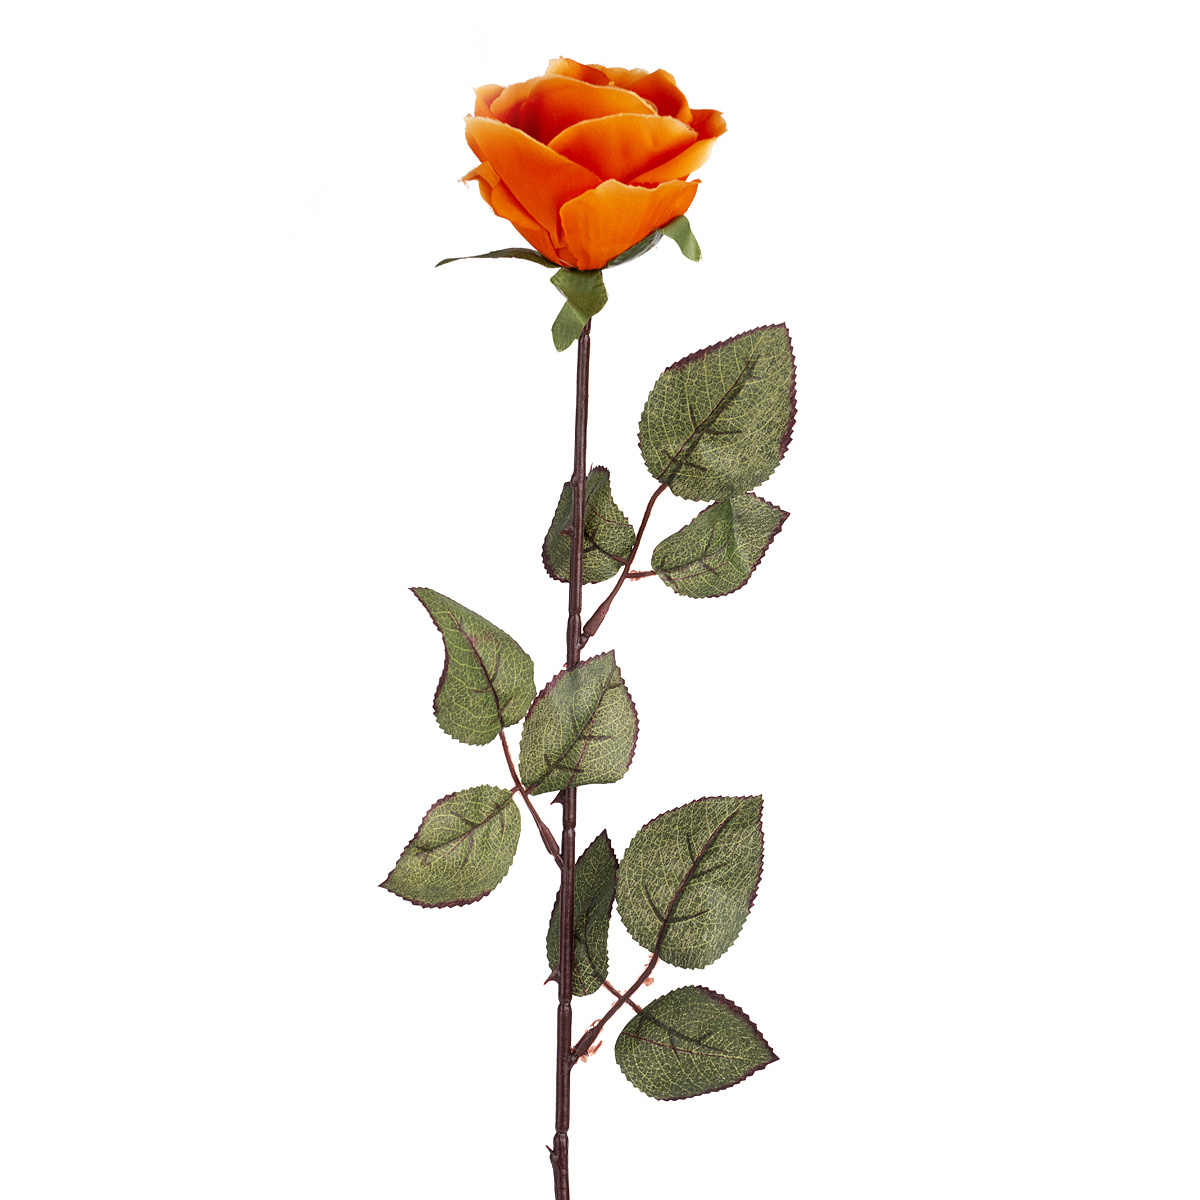 Umělá květina Růže velkokvětá 72 cm, oranžová